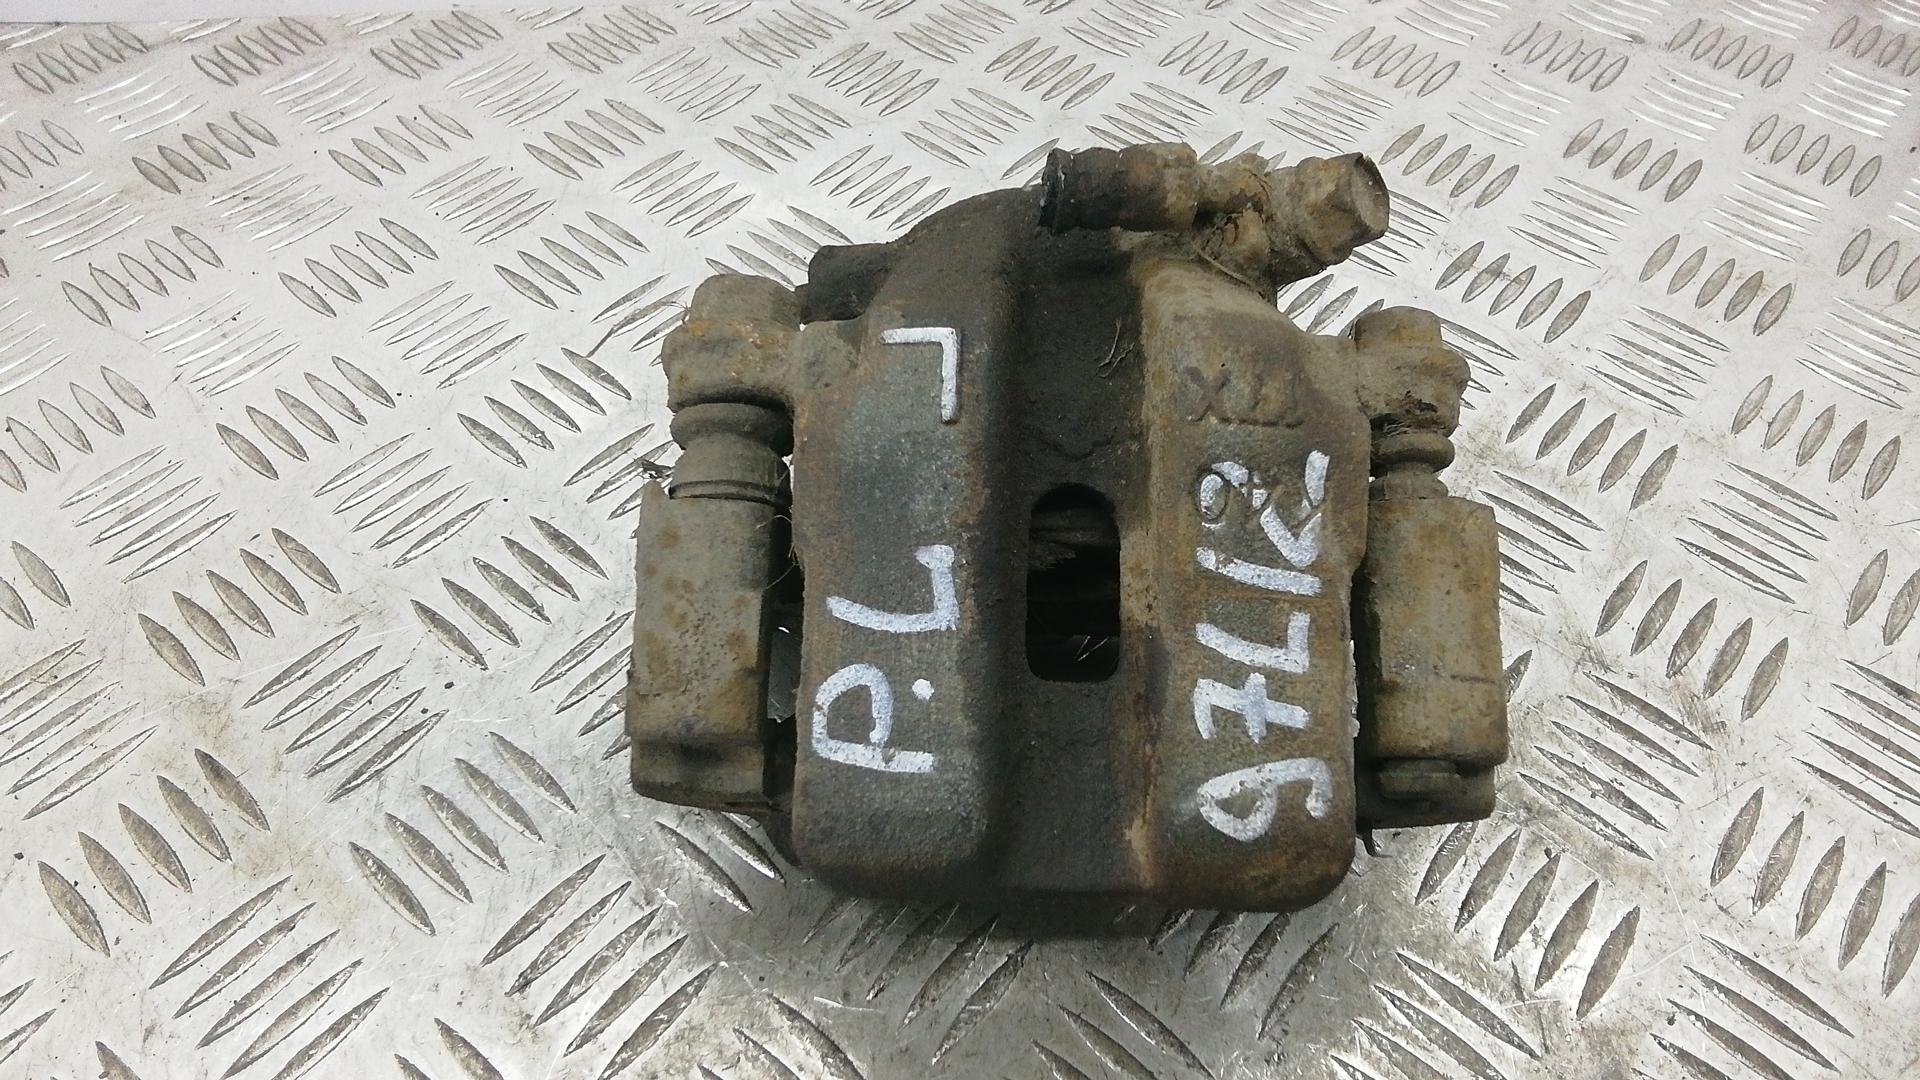 Суппорт тормозной передний левый, SUZUKI, GRAND VITARA 1, 2001